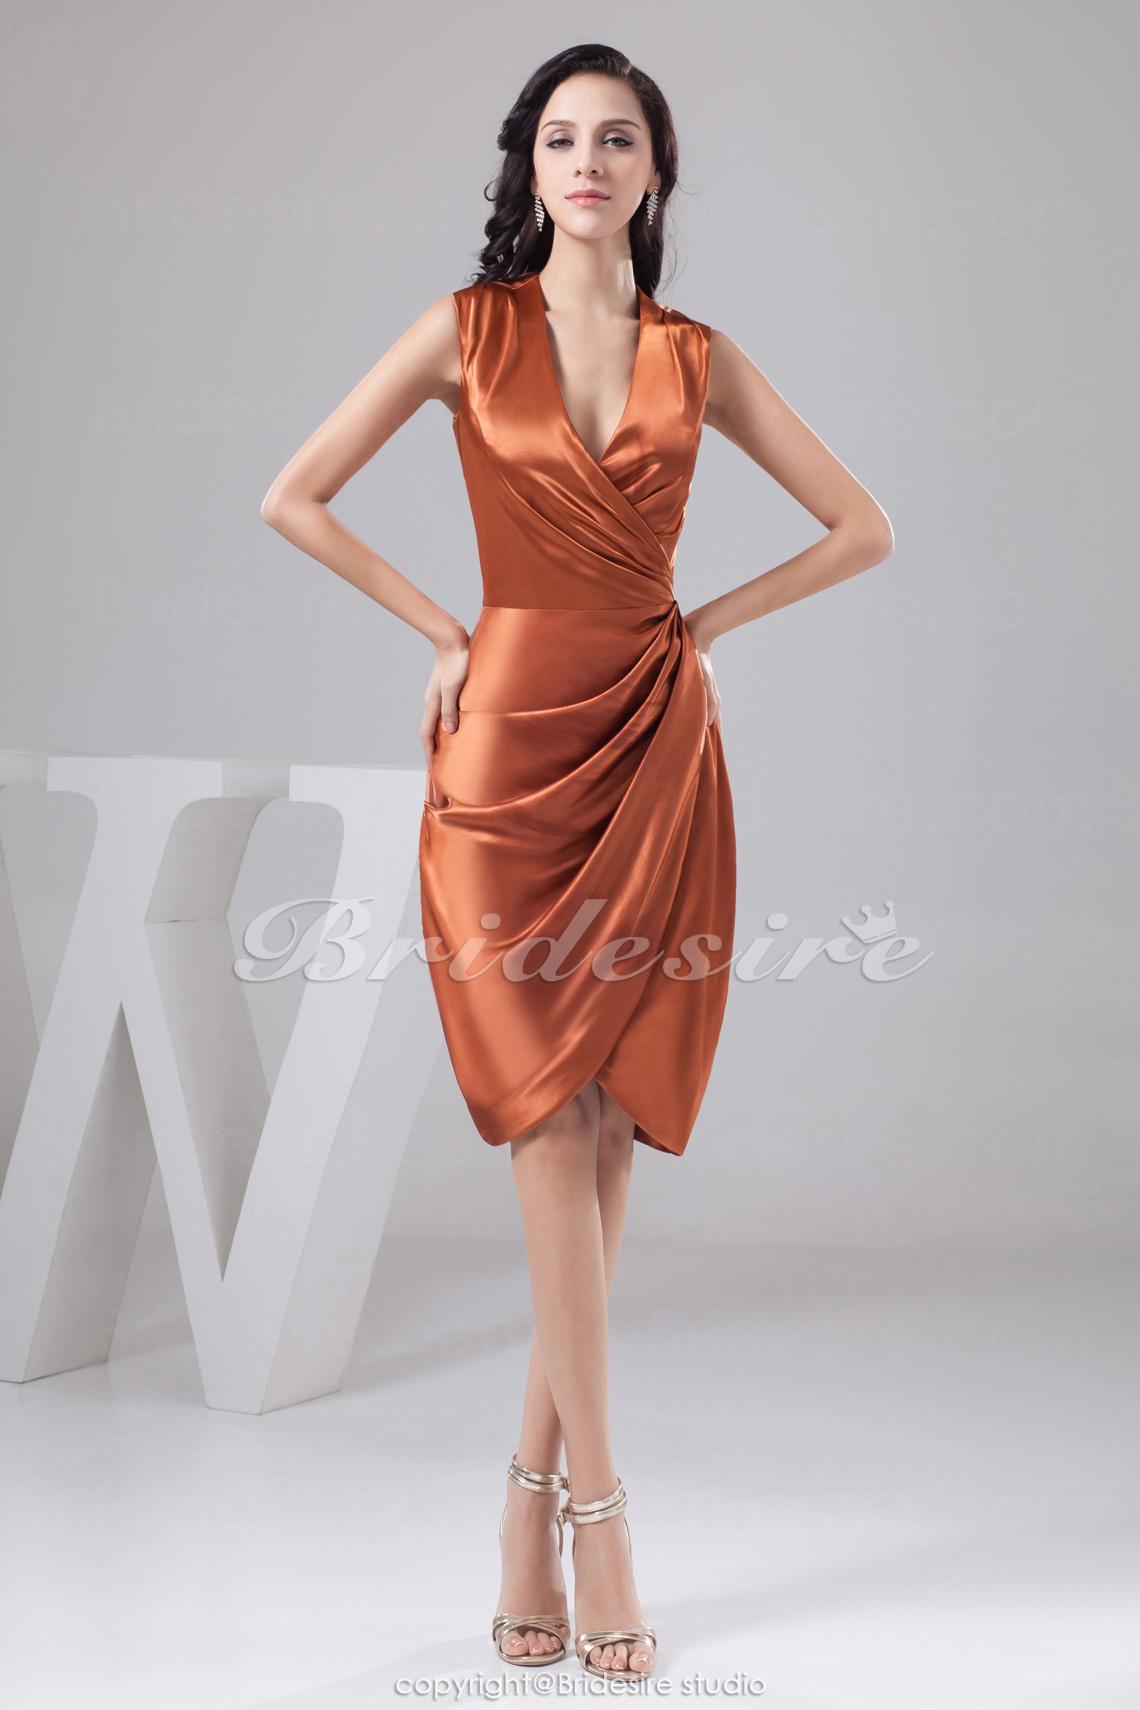 Bridesire - Tubino A V Al ginocchio Senza maniche Raso vestito  BD41158  -  €78.91   Bridesire e8b3404d68e